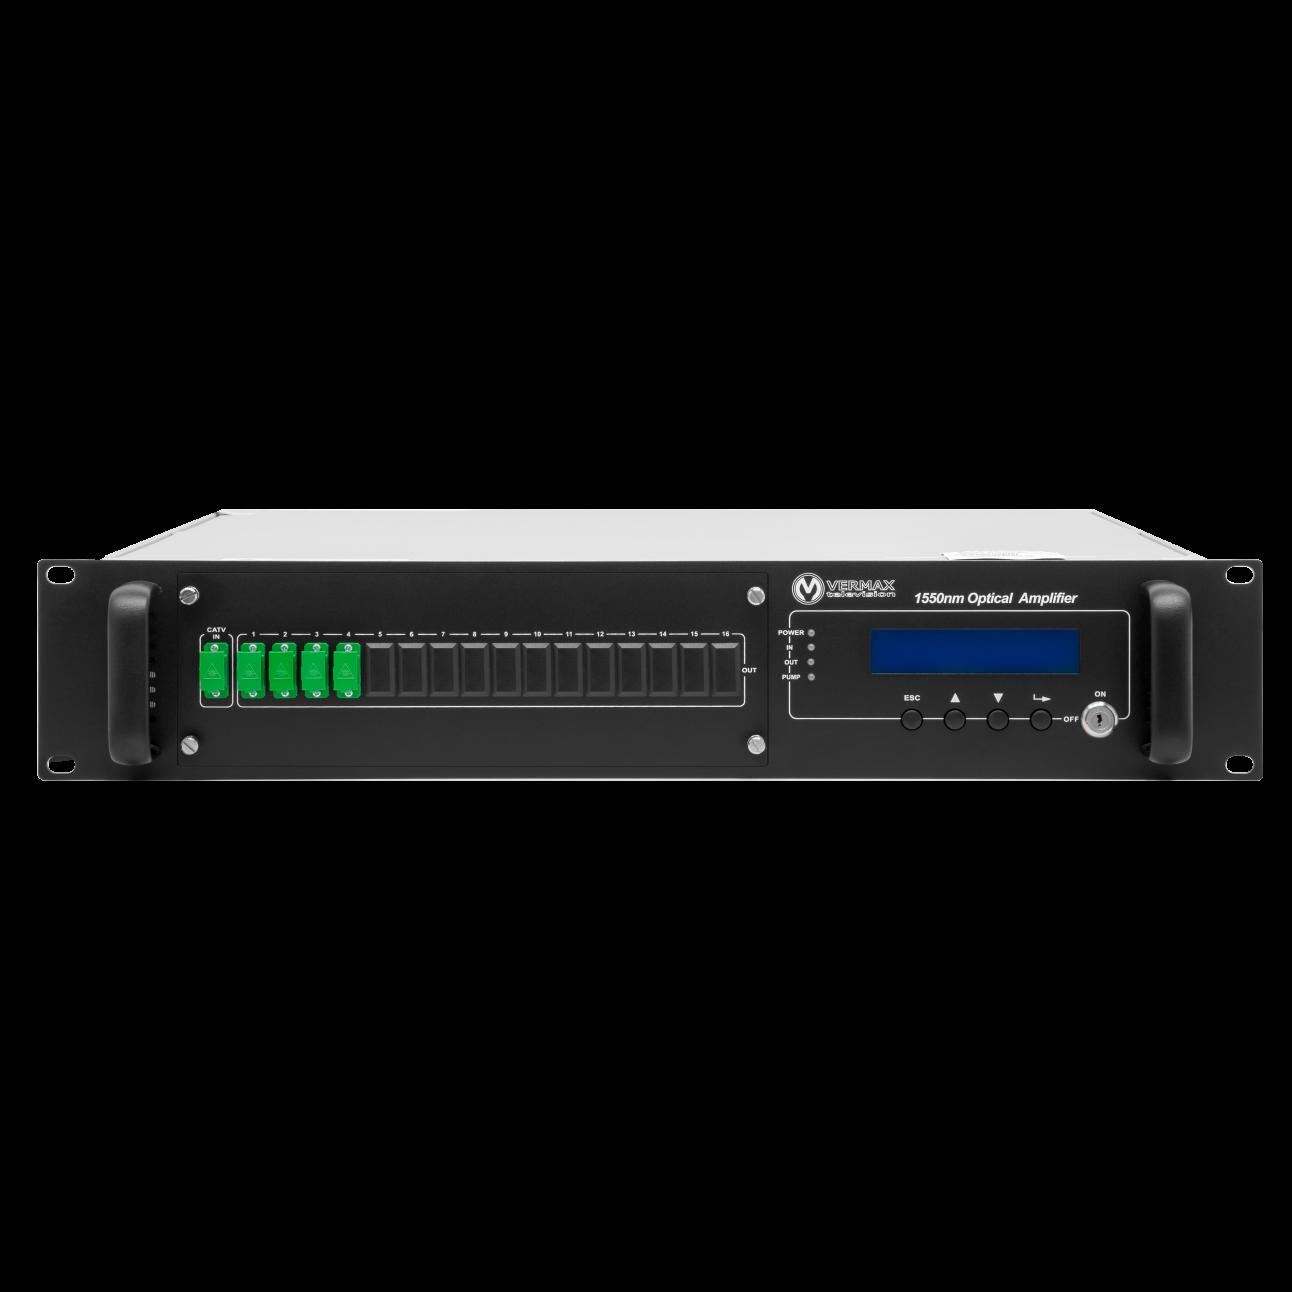 Оптический усилитель VERMAX для сетей КТВ, 4*19dBm выхода, WDM фильтр PON